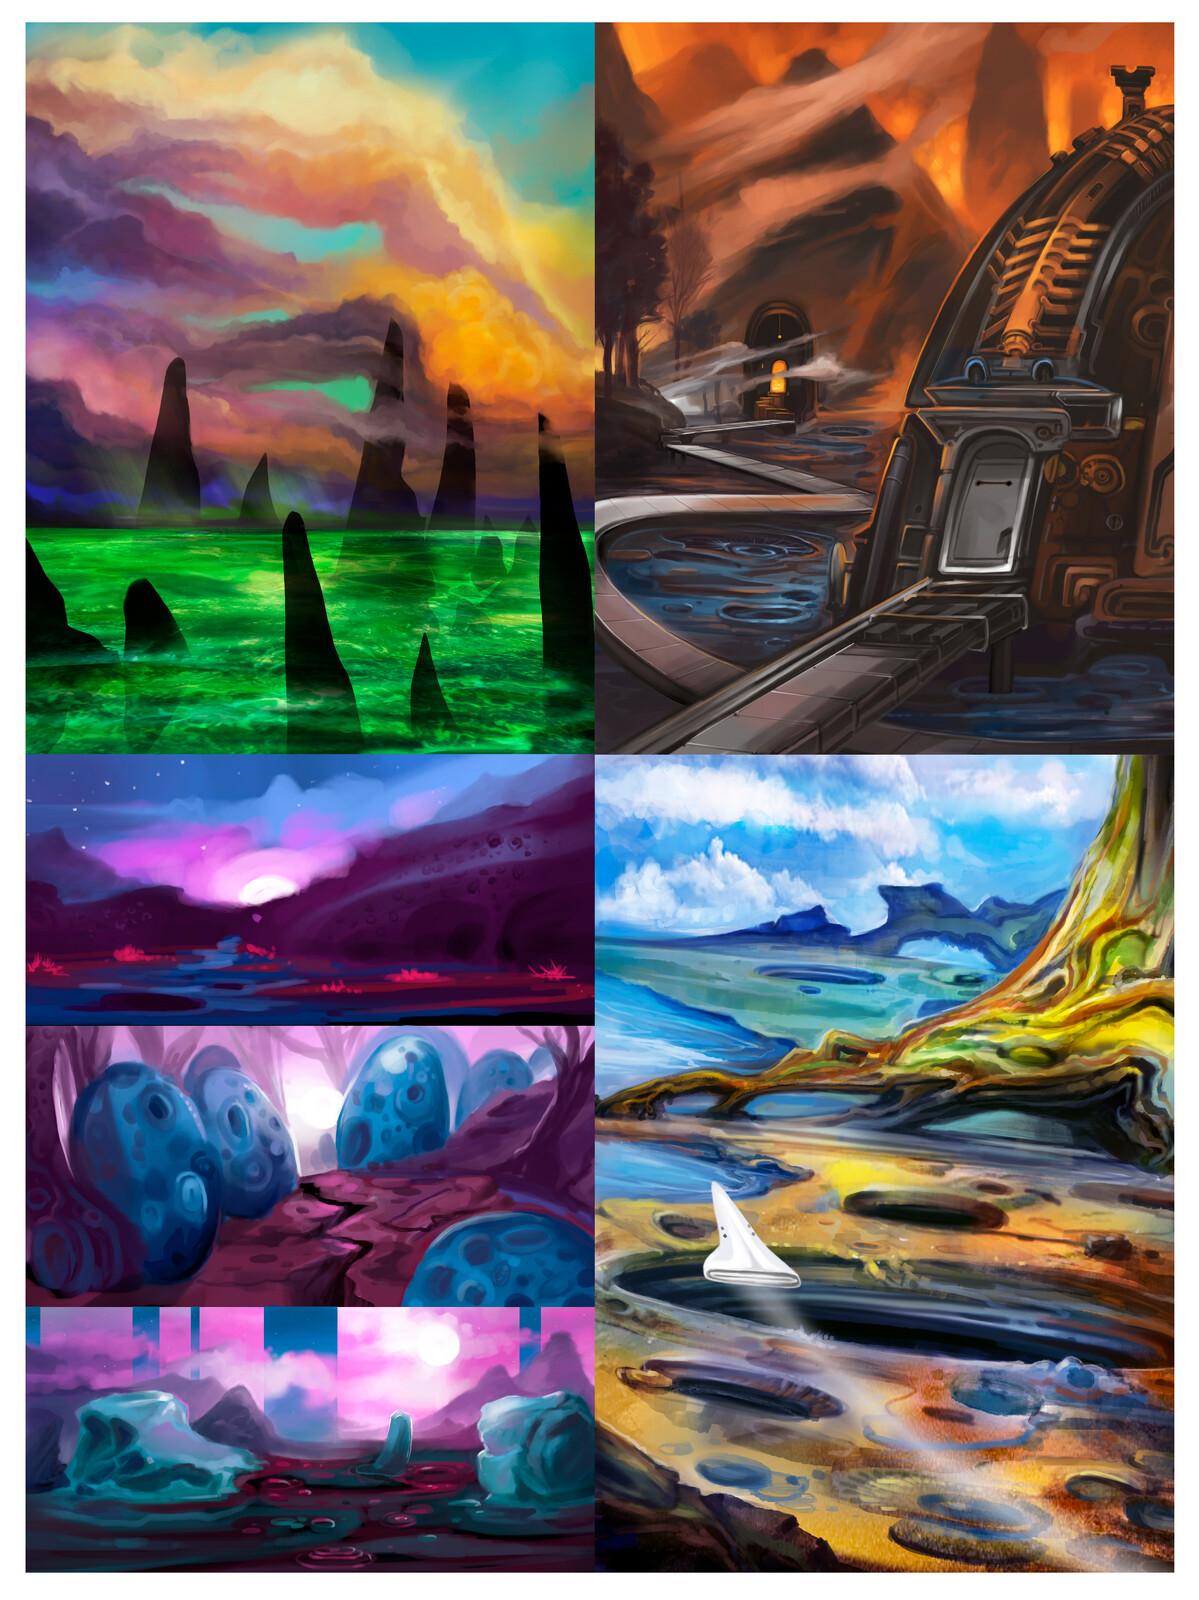 Alien Environments - Concept Art